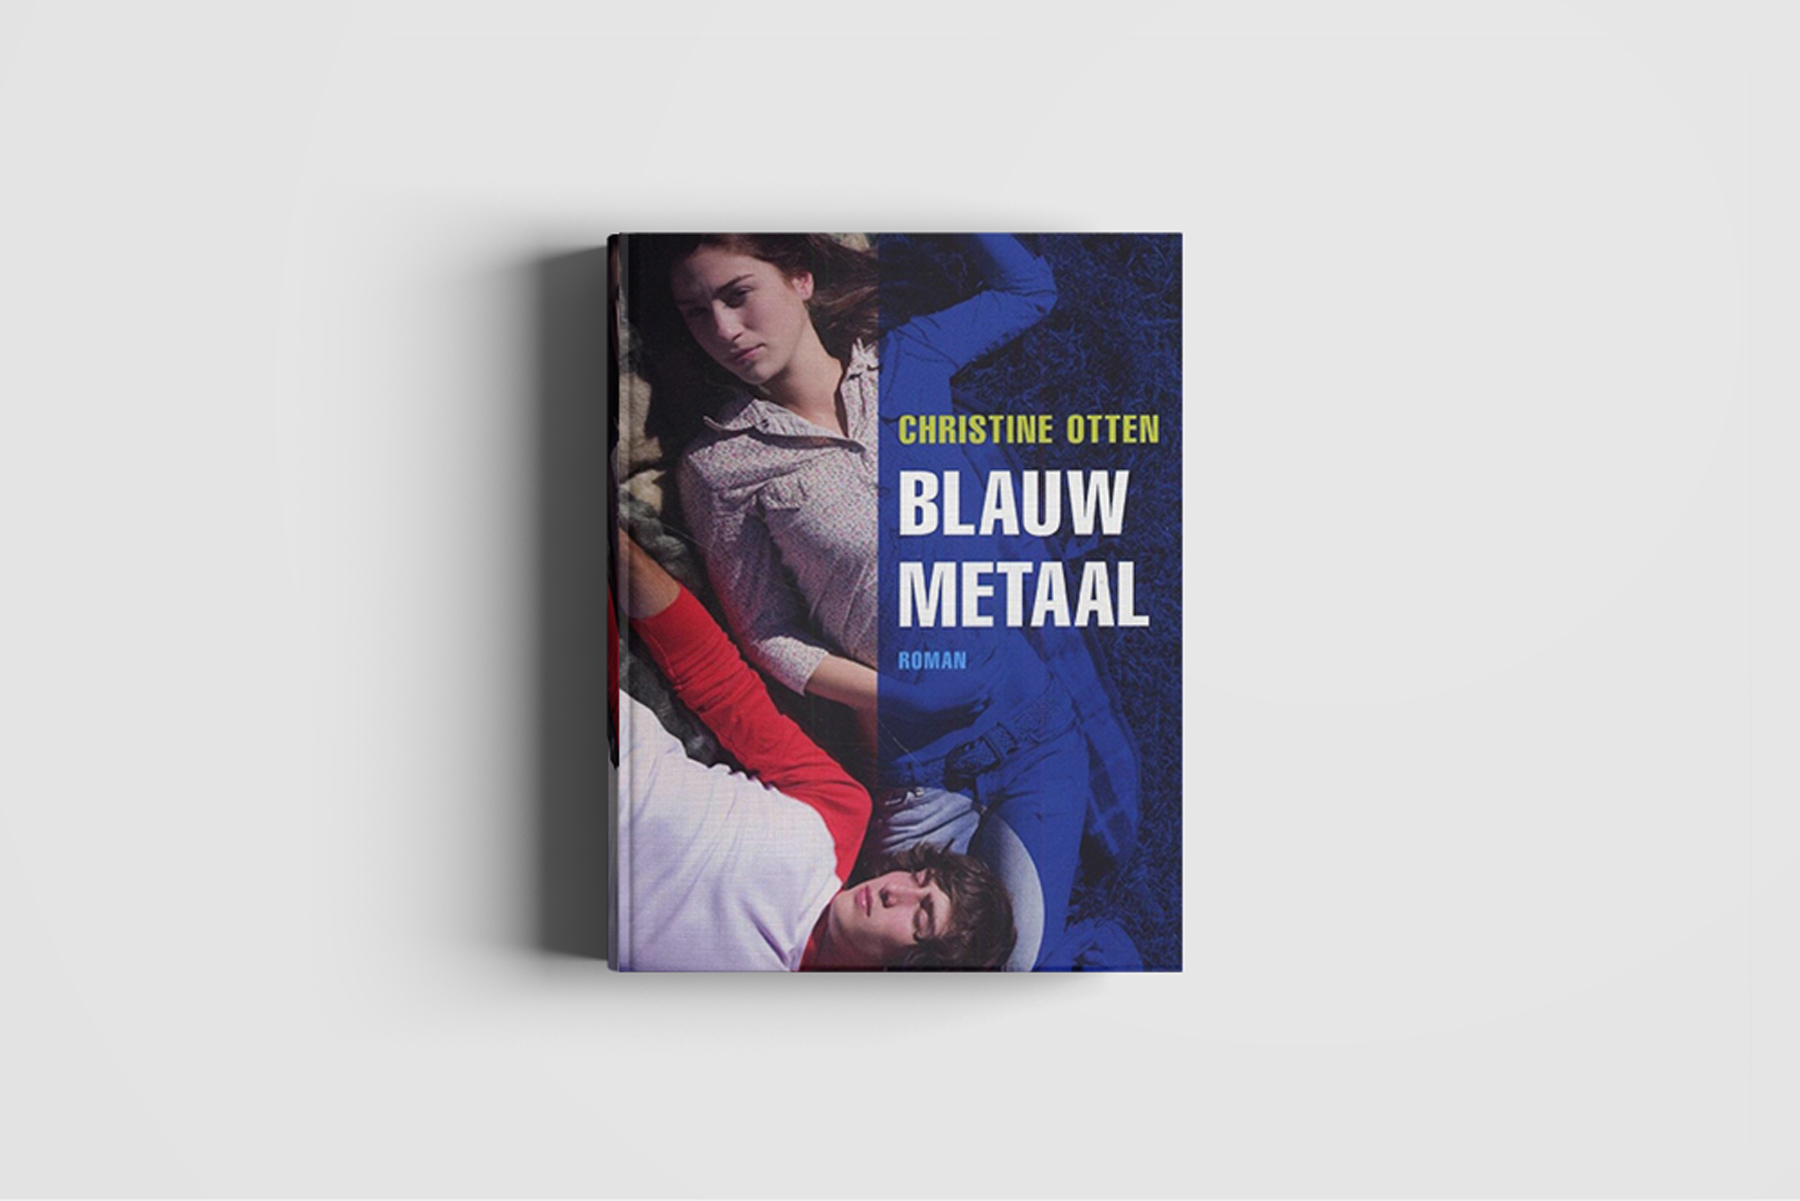 Blauw metaal